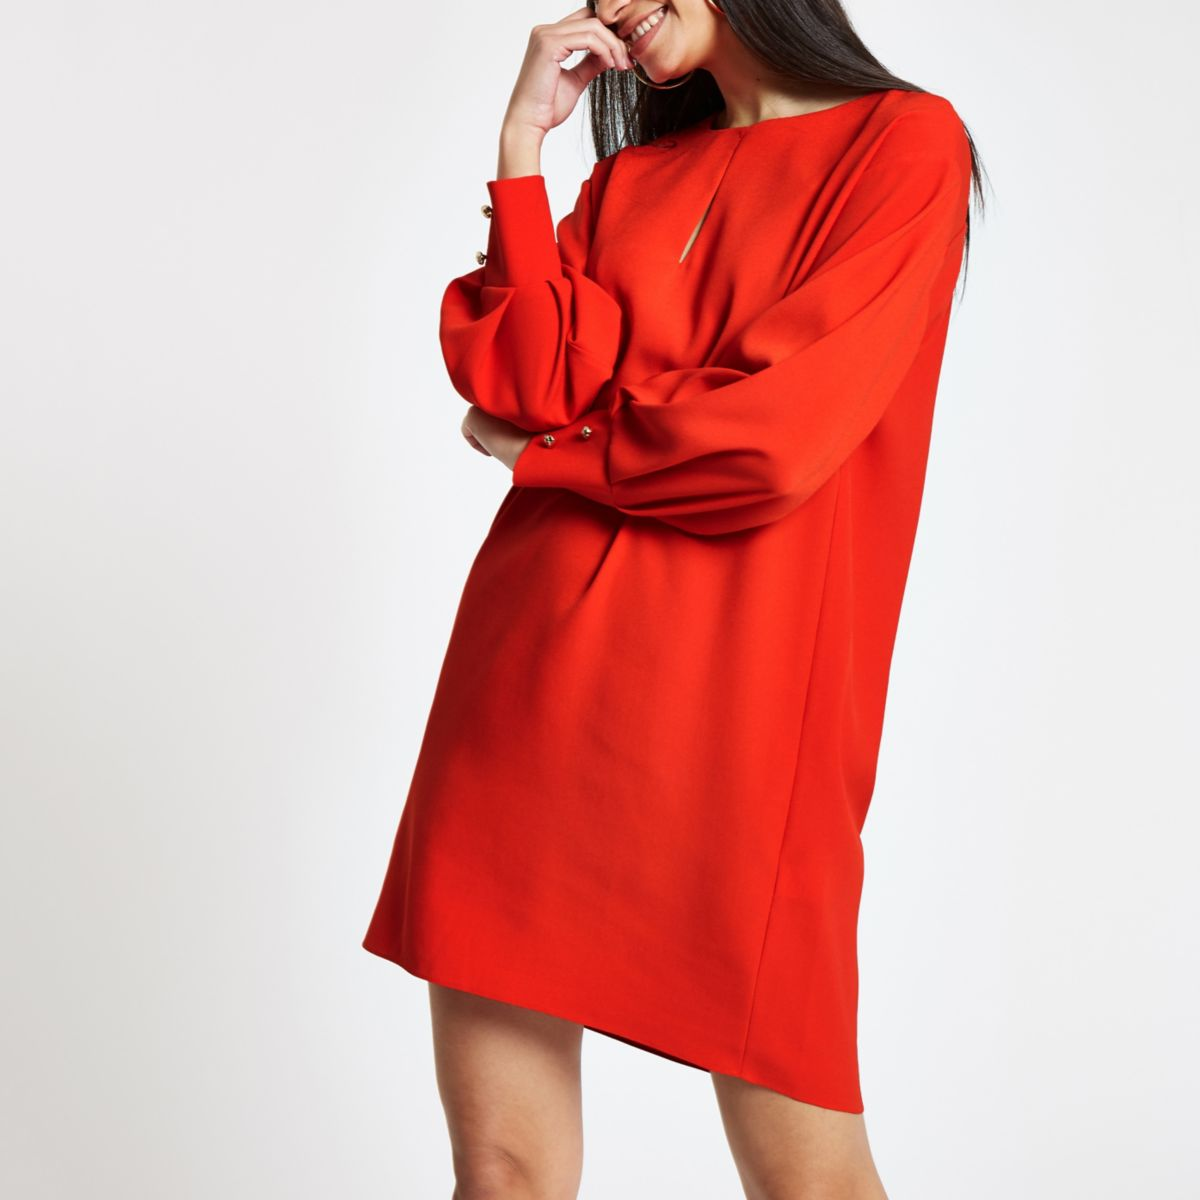 Red long sleeve swing dress